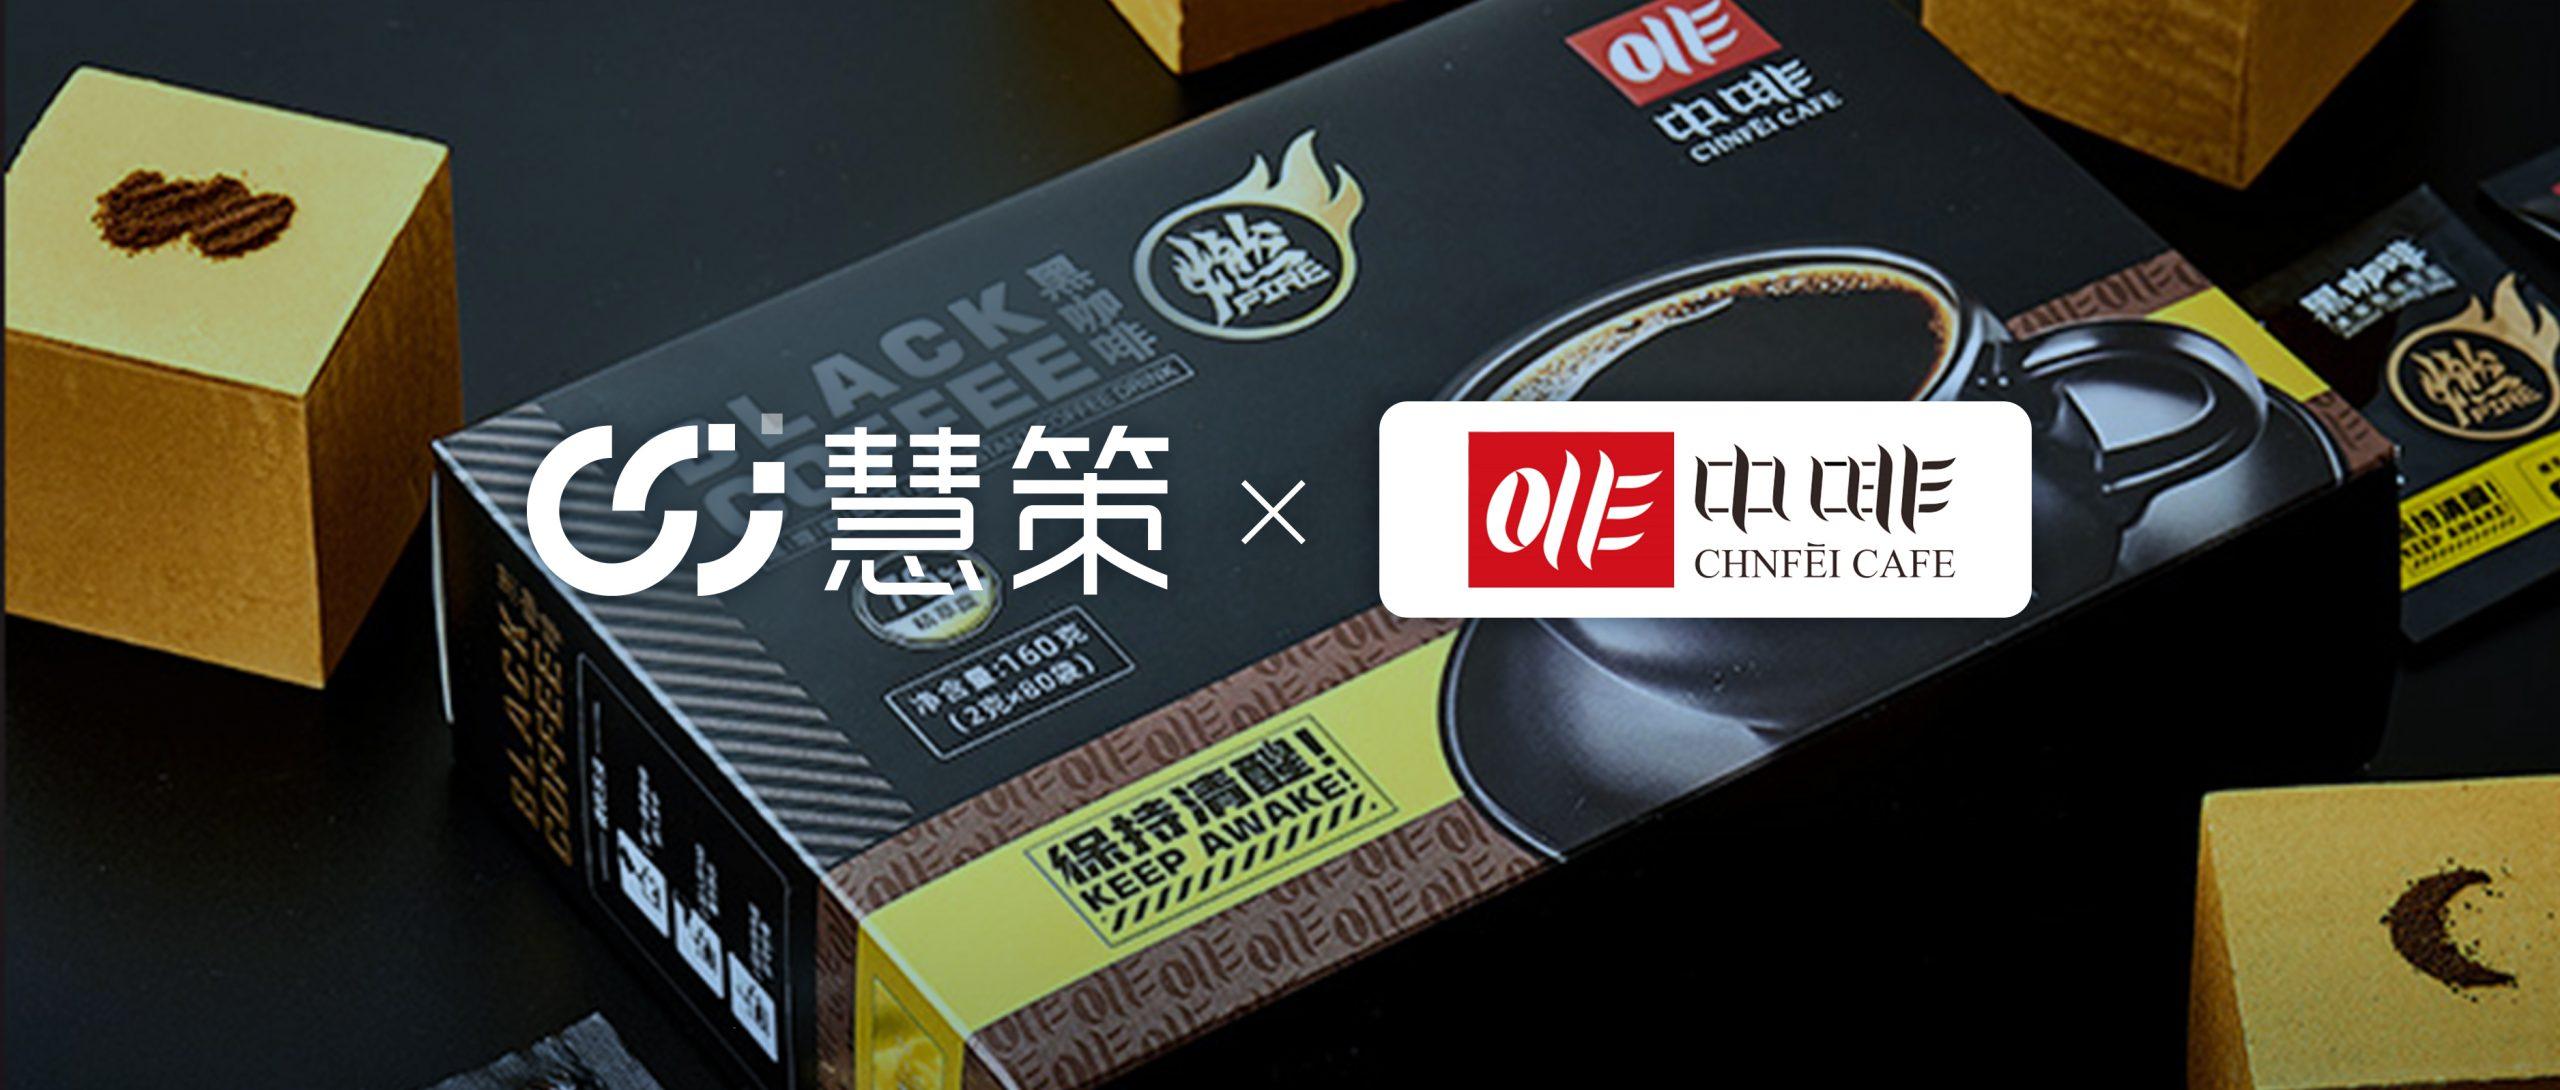 国产咖啡天猫销量第一背后,旺店通ERP+ WMS为中啡咖啡后端护航